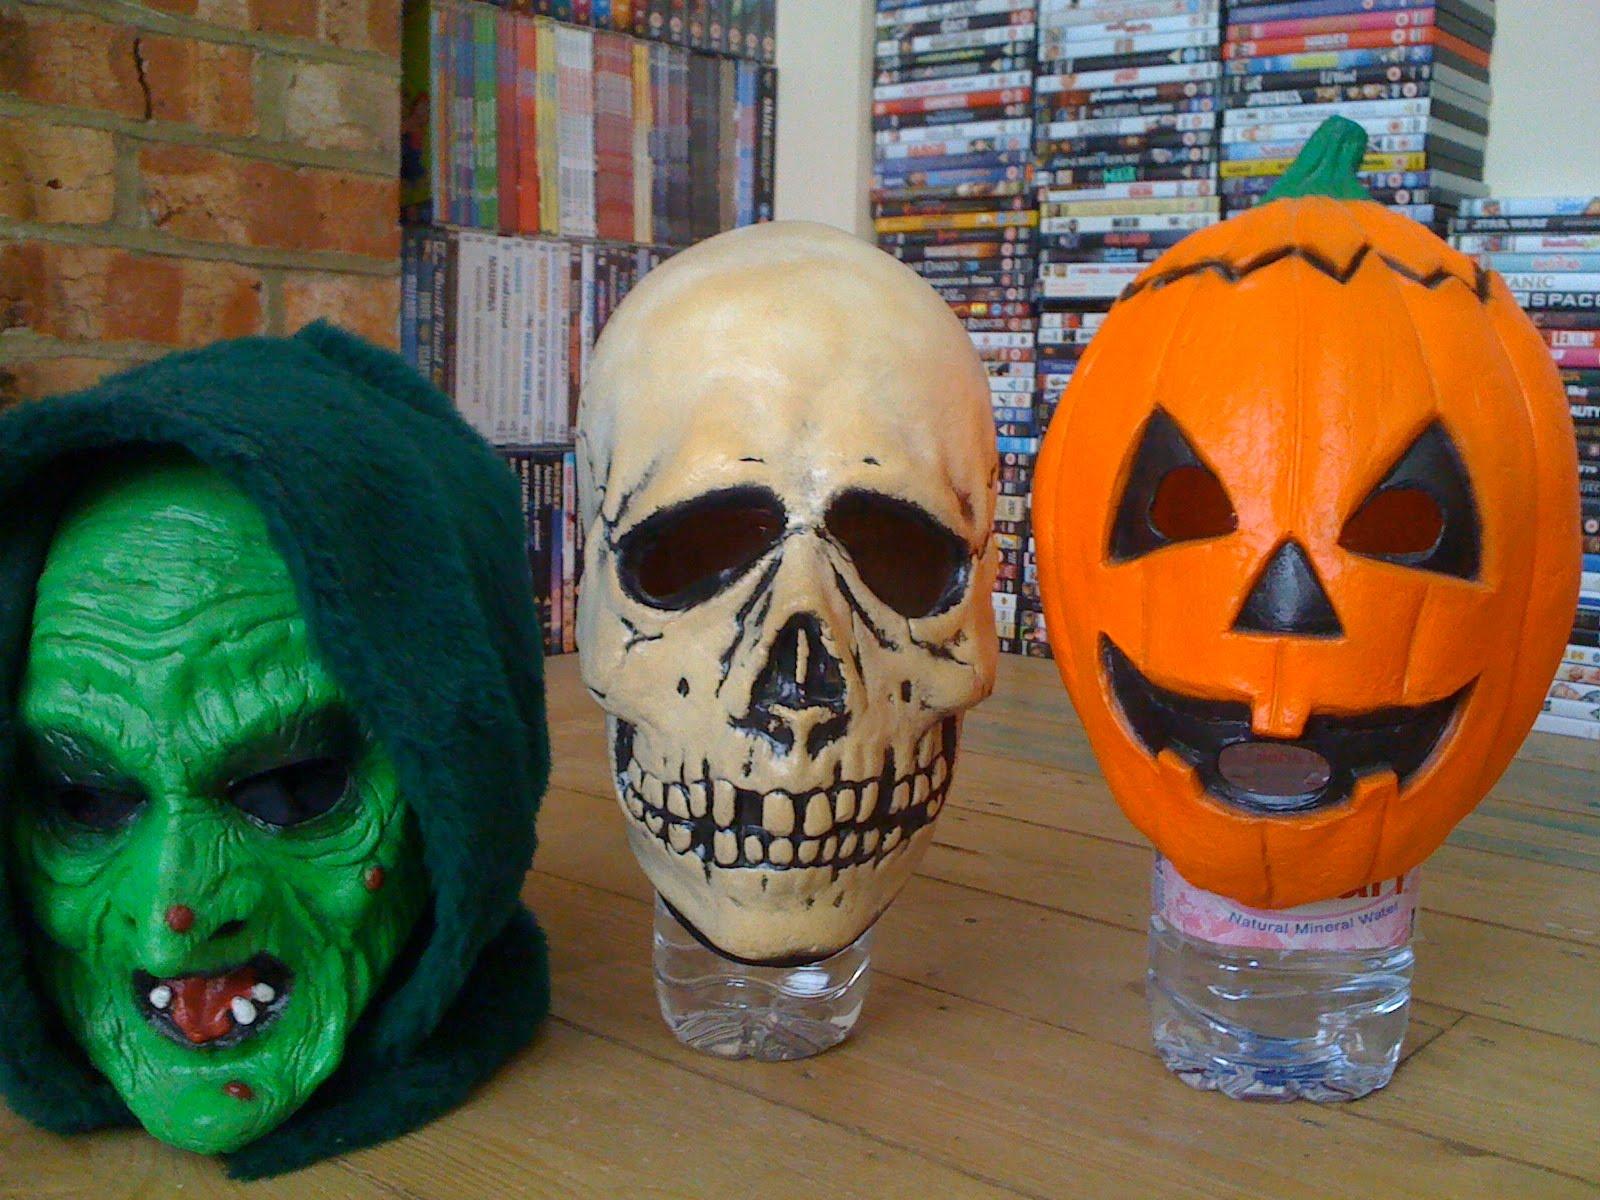 halloweenfanatic: Halloween III: Season of the Witch Pumpkin ...